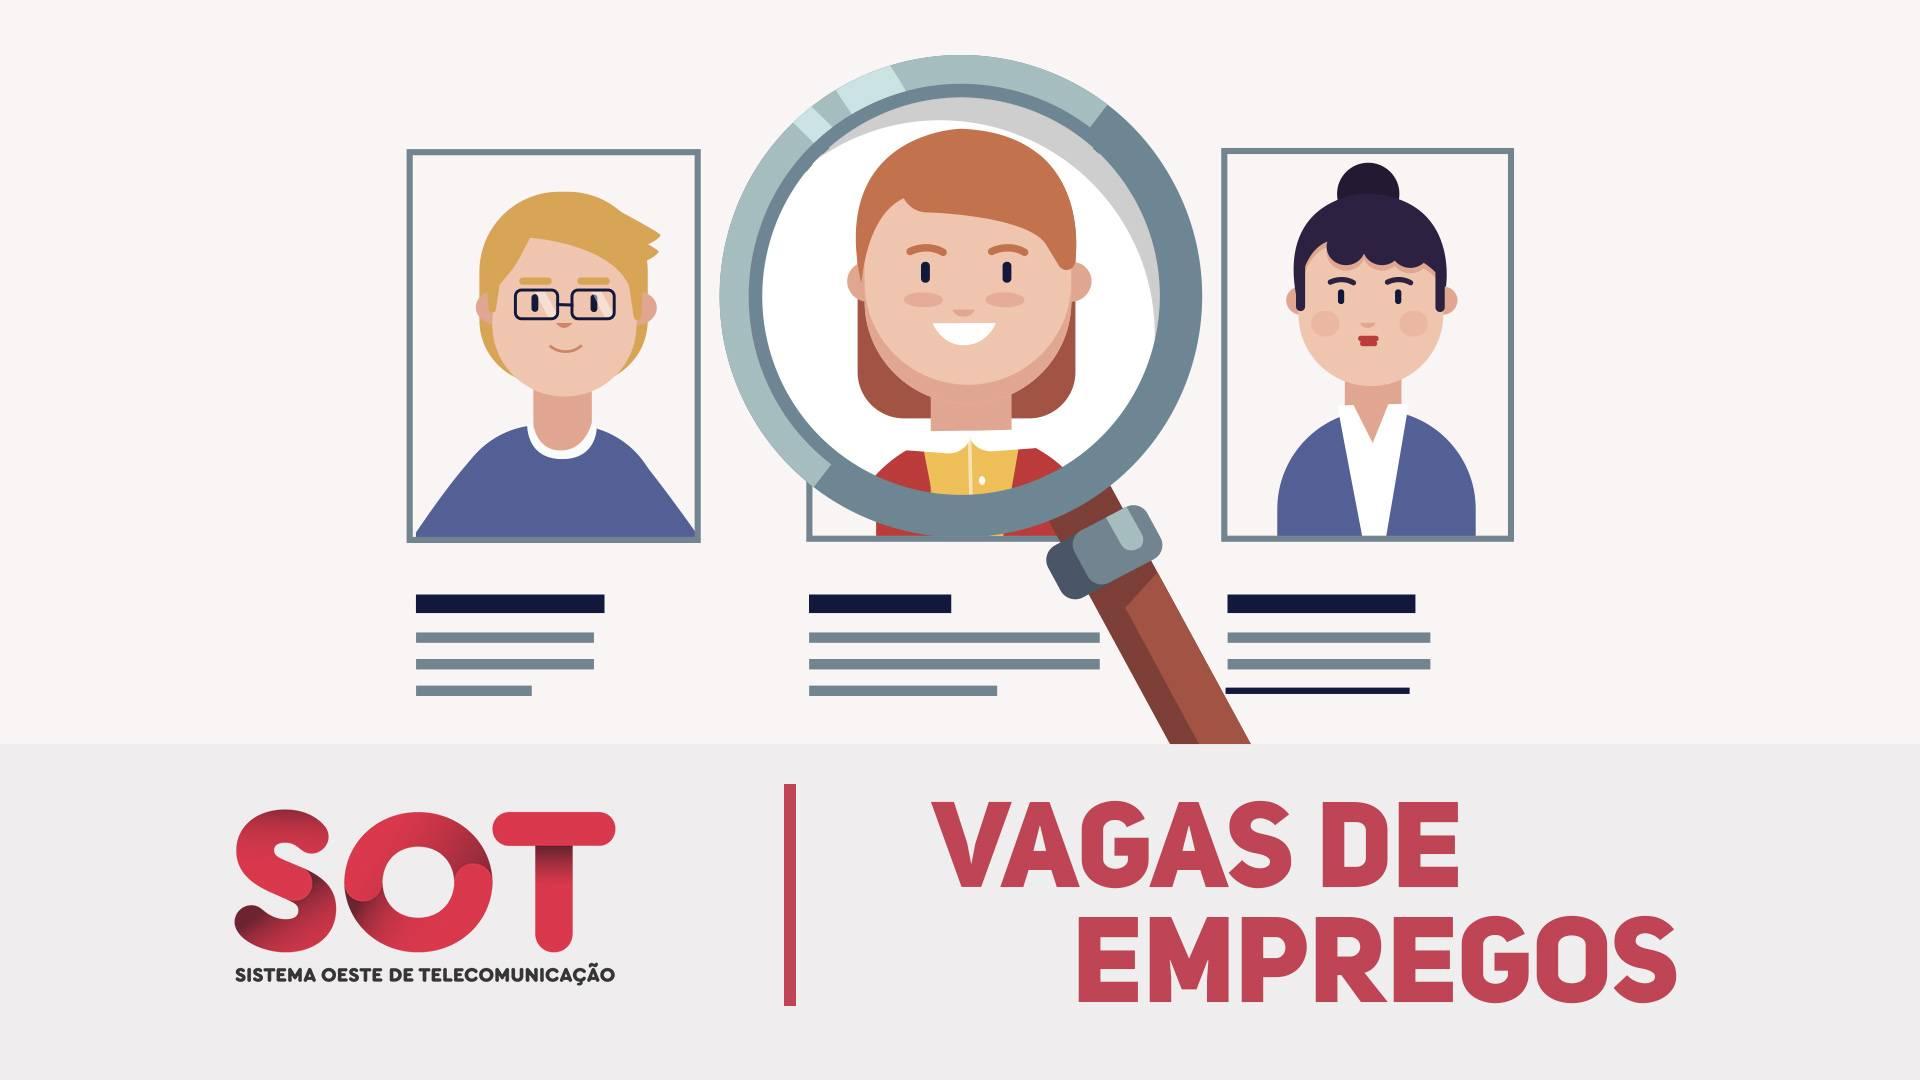 Vagas de Empregos: Veja as principais oportunidades disponíveis nesta segunda-feira (30/08)